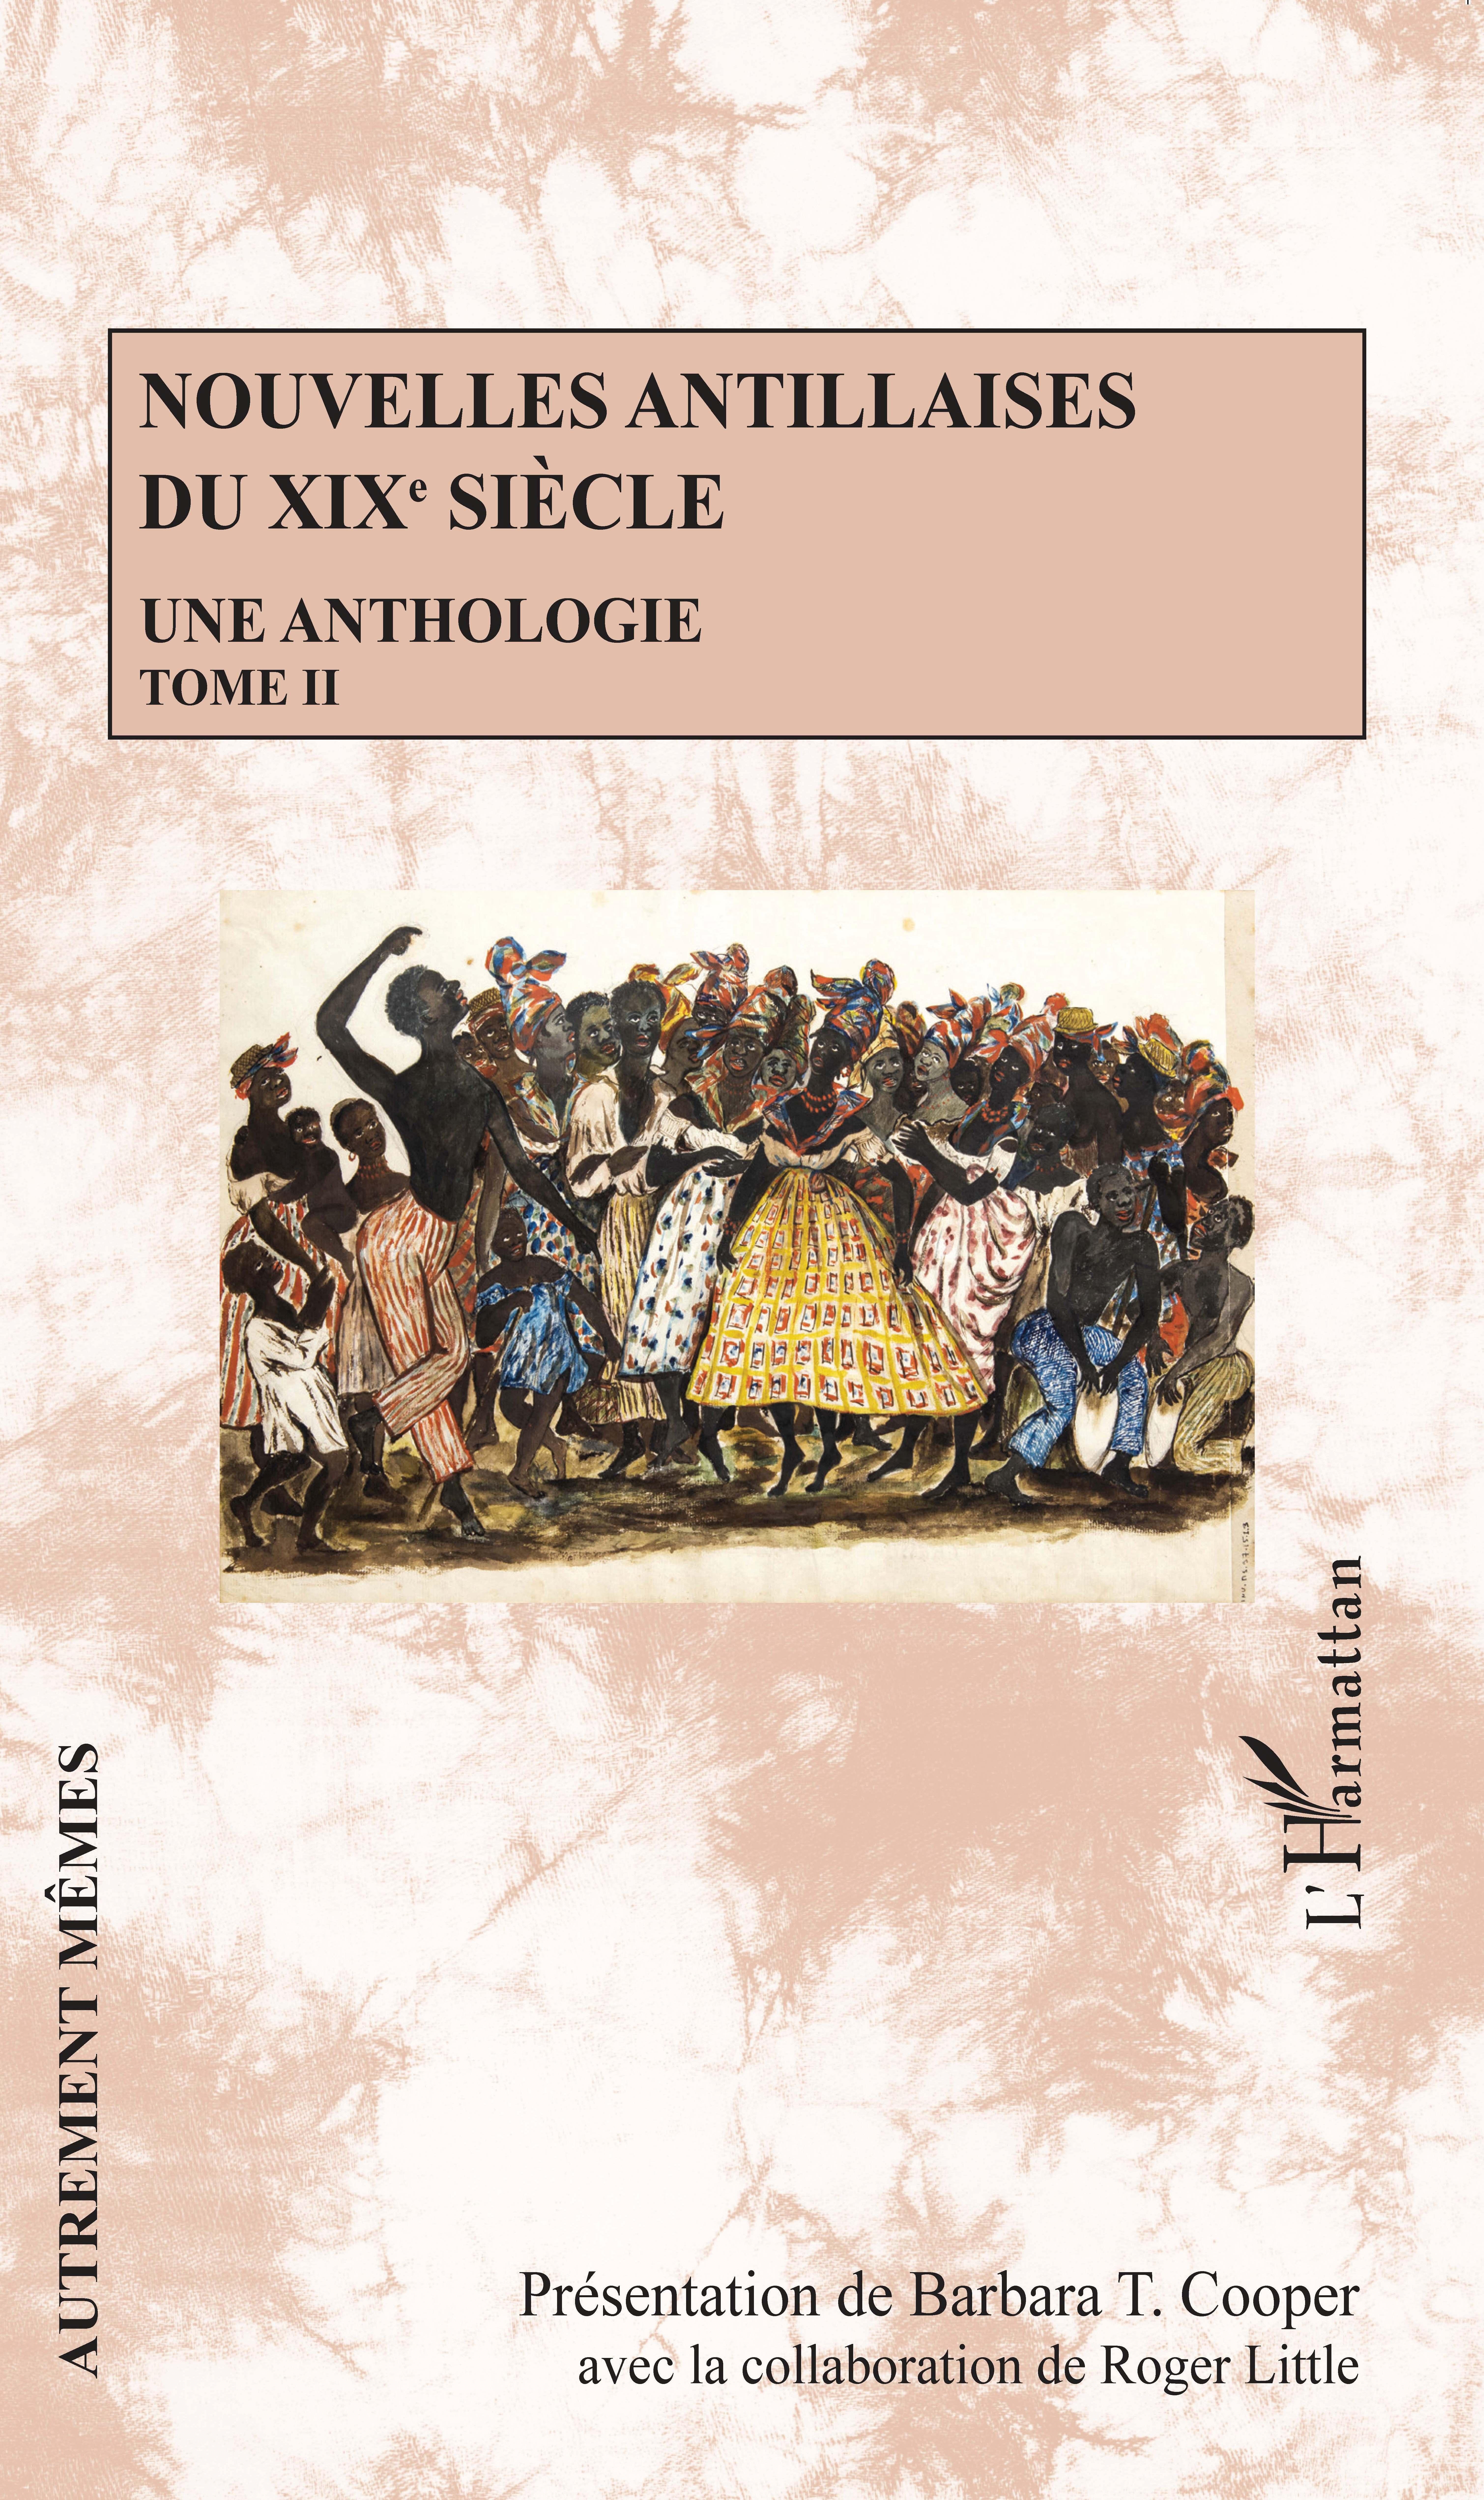 Nouvelles antillaises du XIXe siècle : Une anthologie, t. II (éd. Barbara T. Cooper)